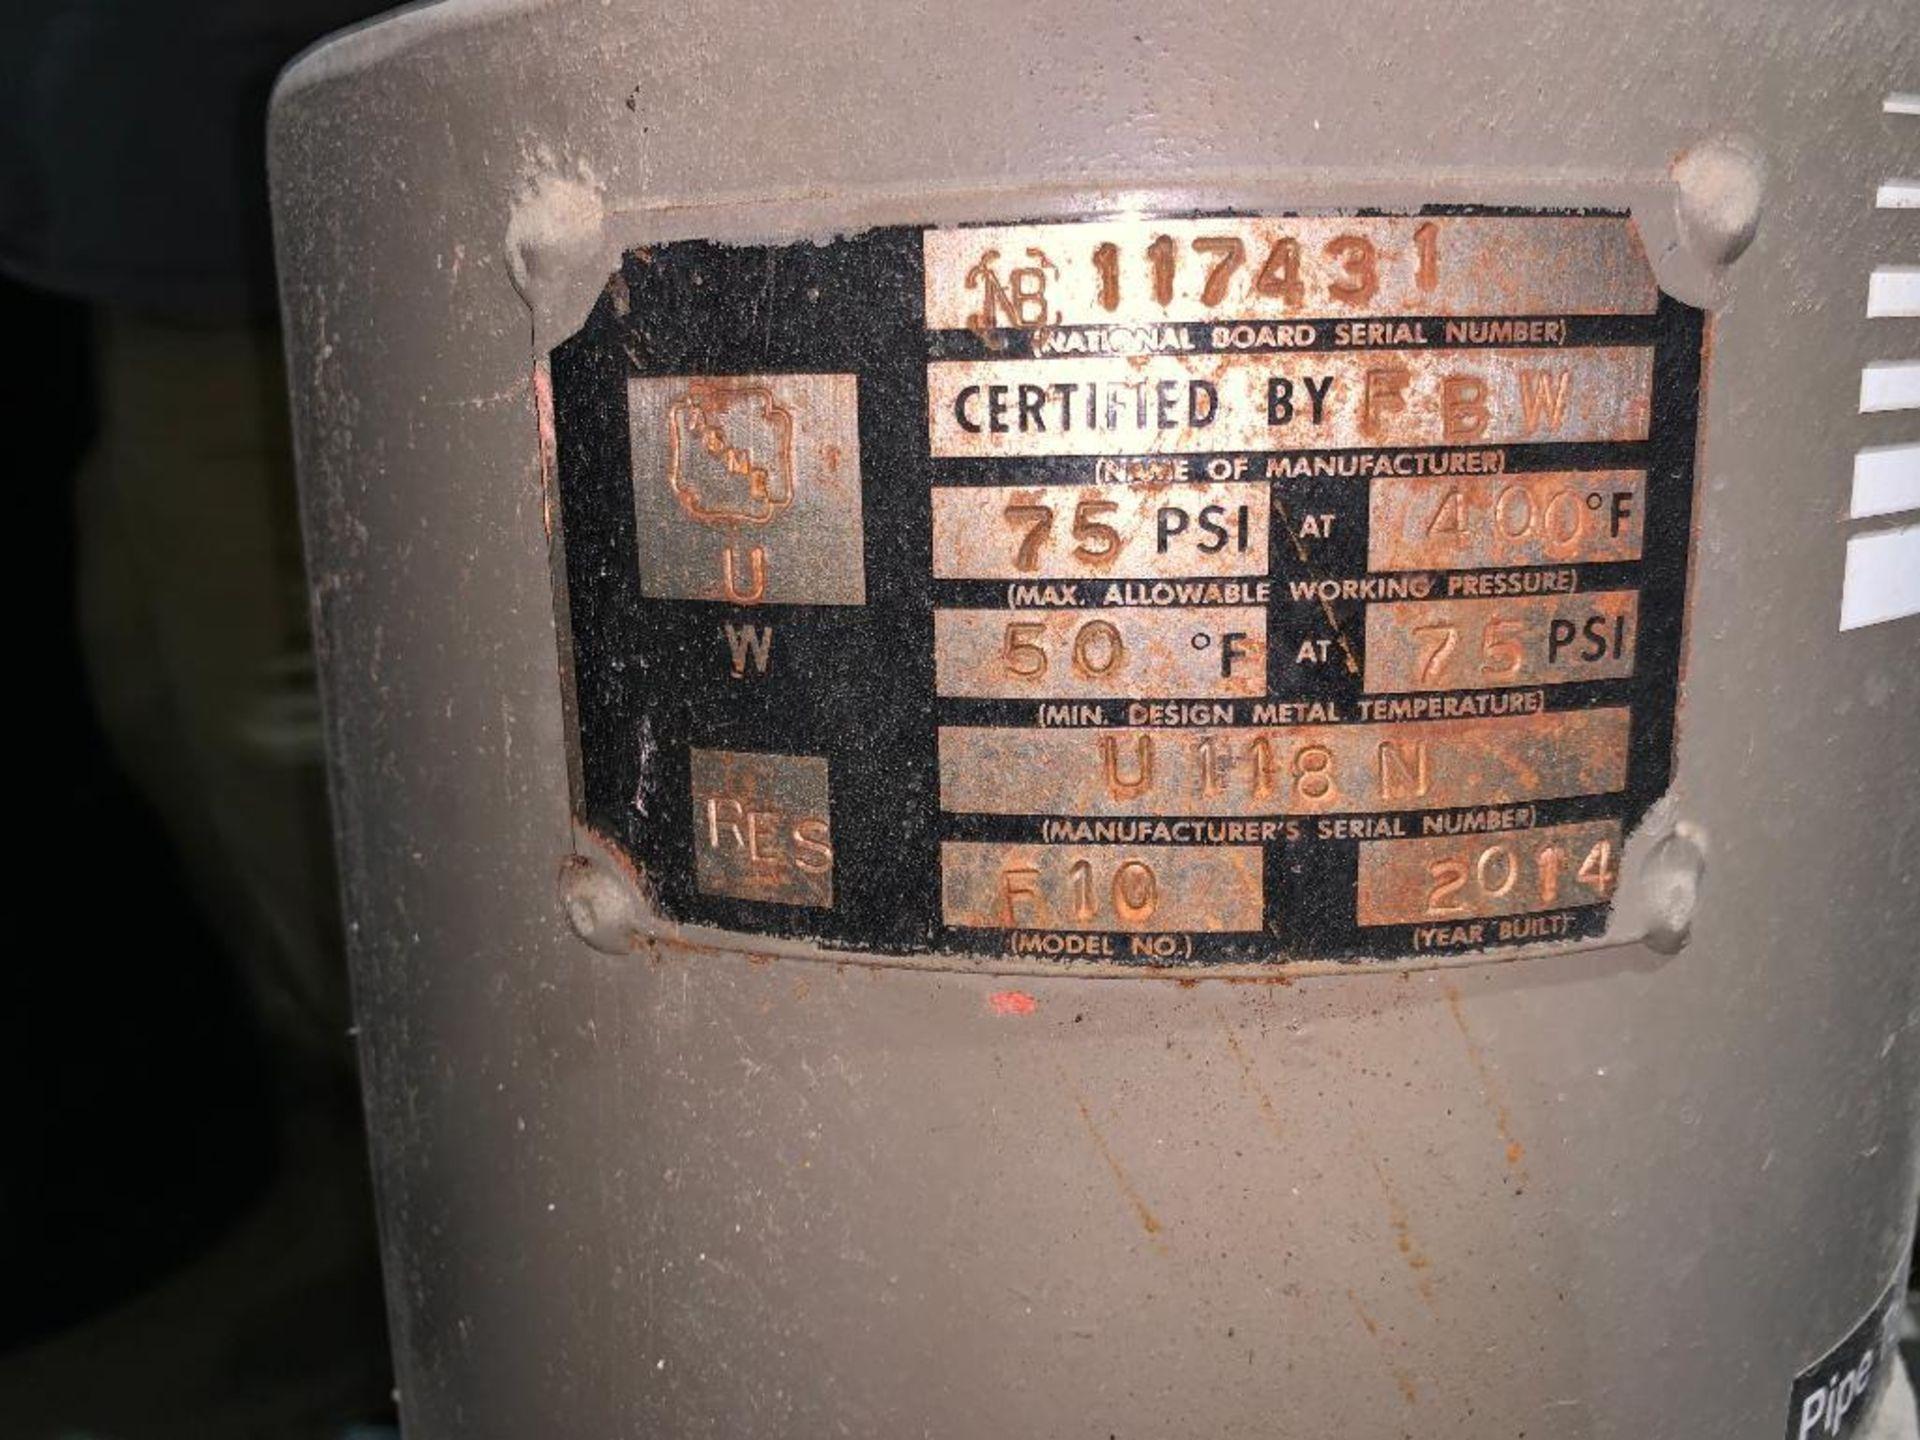 2014 Fulton steam boiler - Image 12 of 23